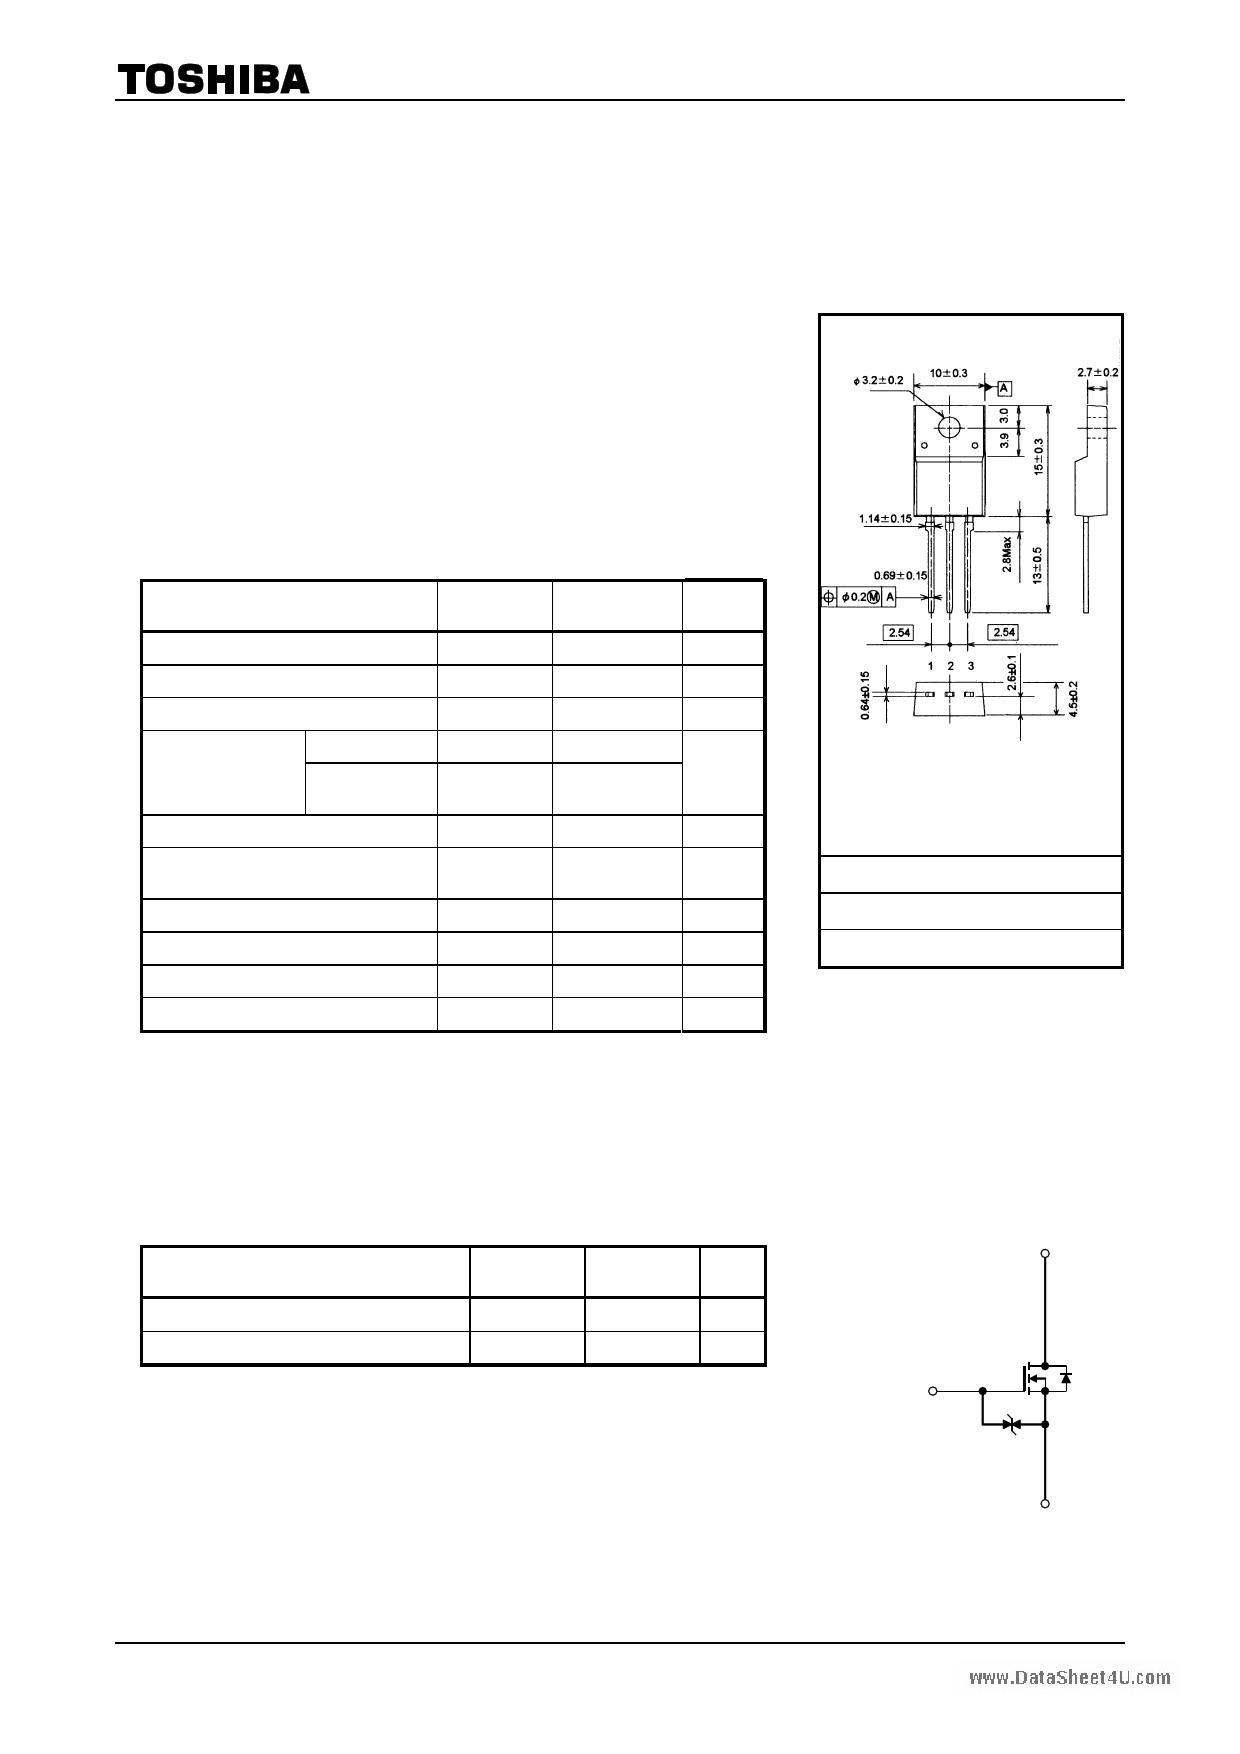 K3561 datasheet image